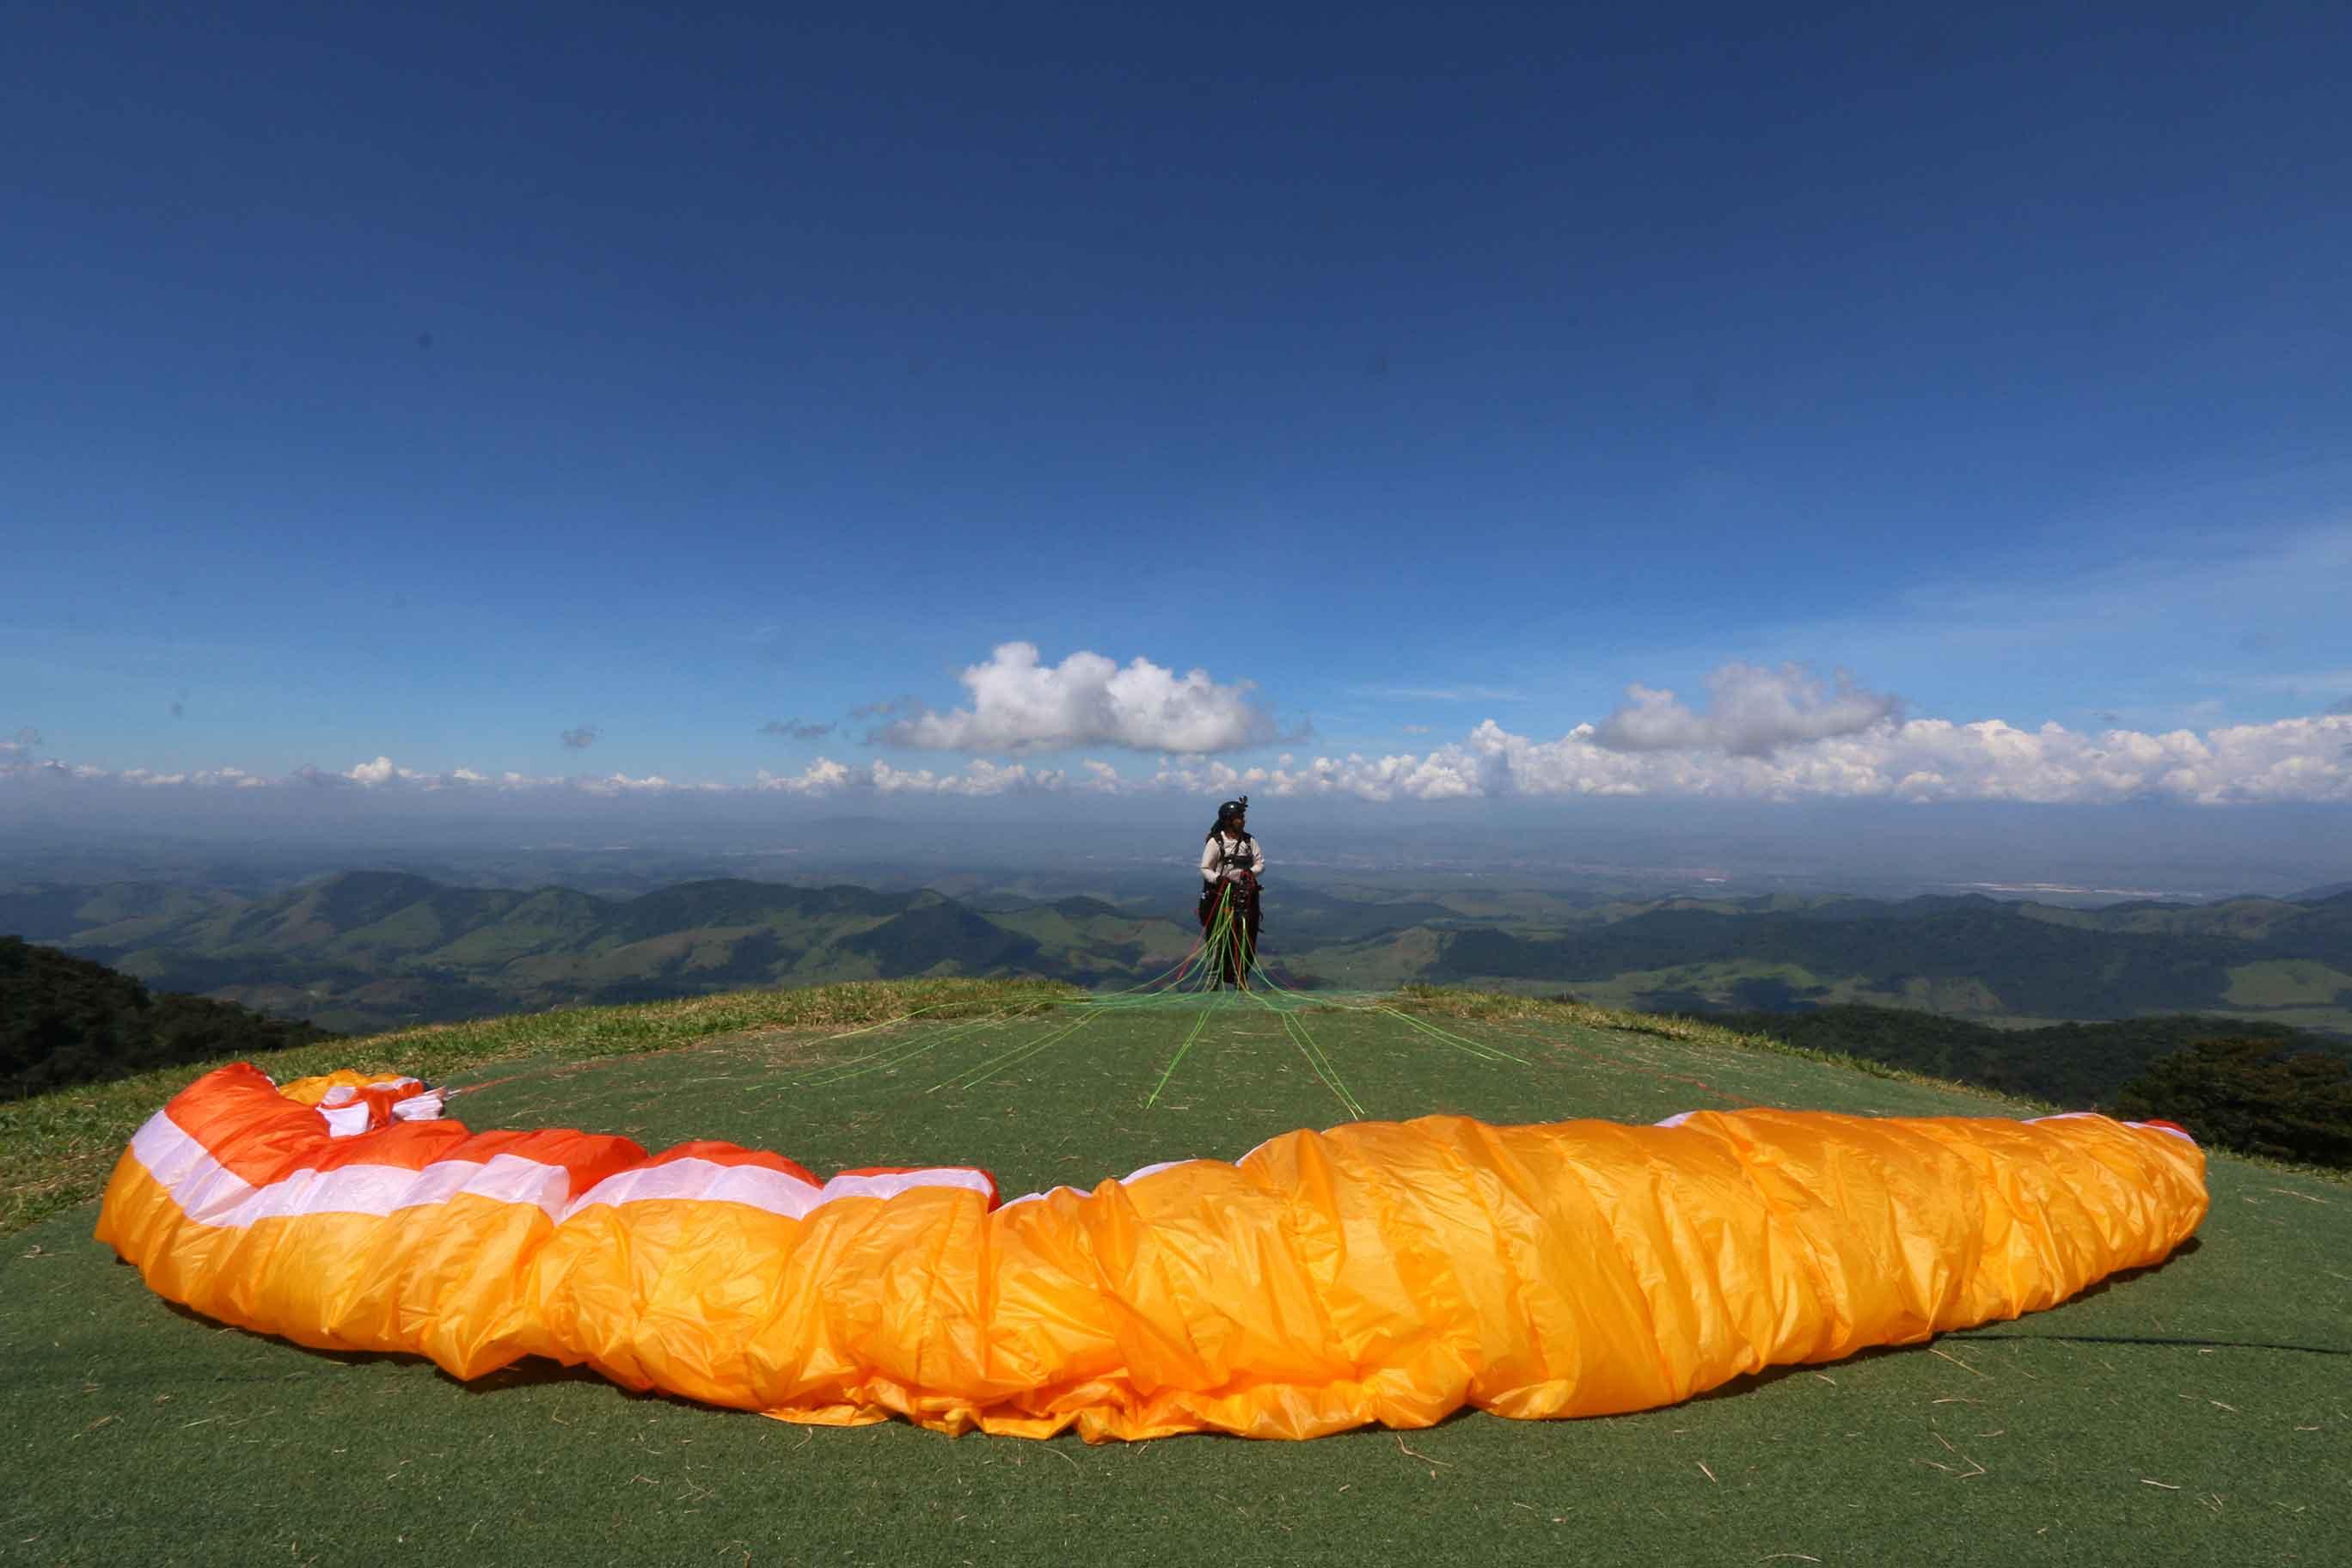 Marcio-Masulino-regiao-visconde-de-maua-paraglider-9354-bx